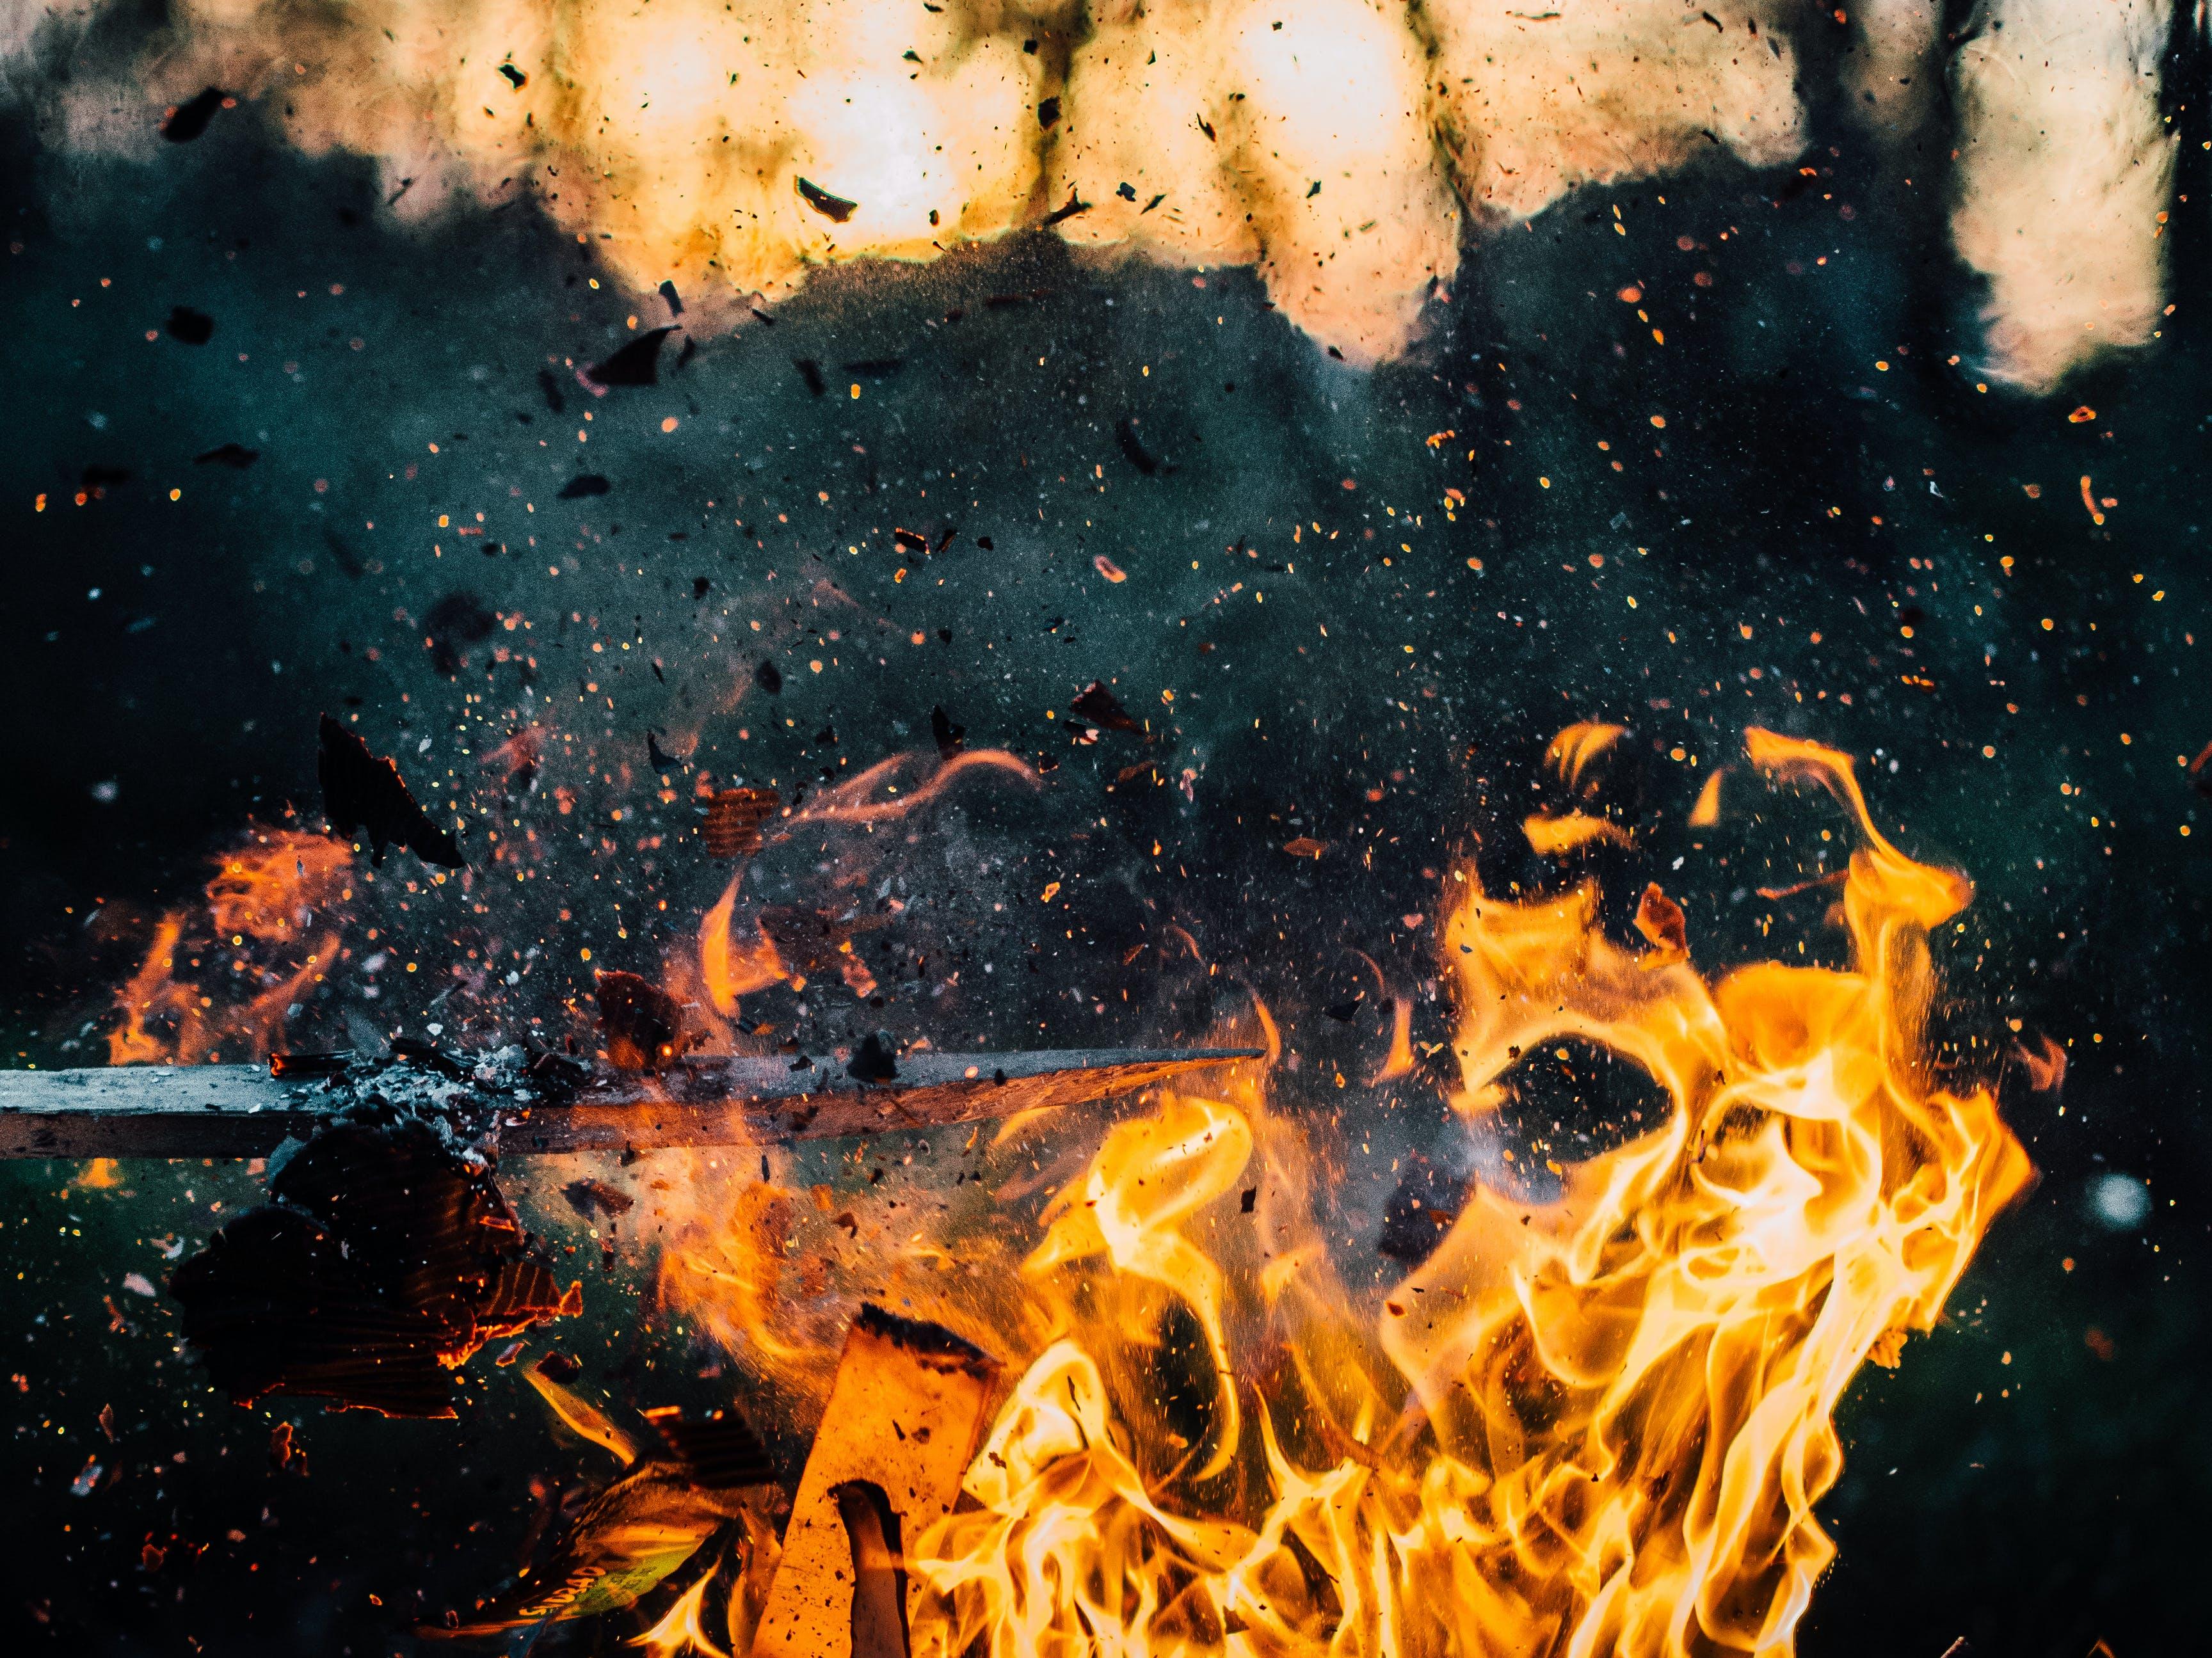 Kostenloses Stock Foto zu explosion, feuer, flamme, heiß